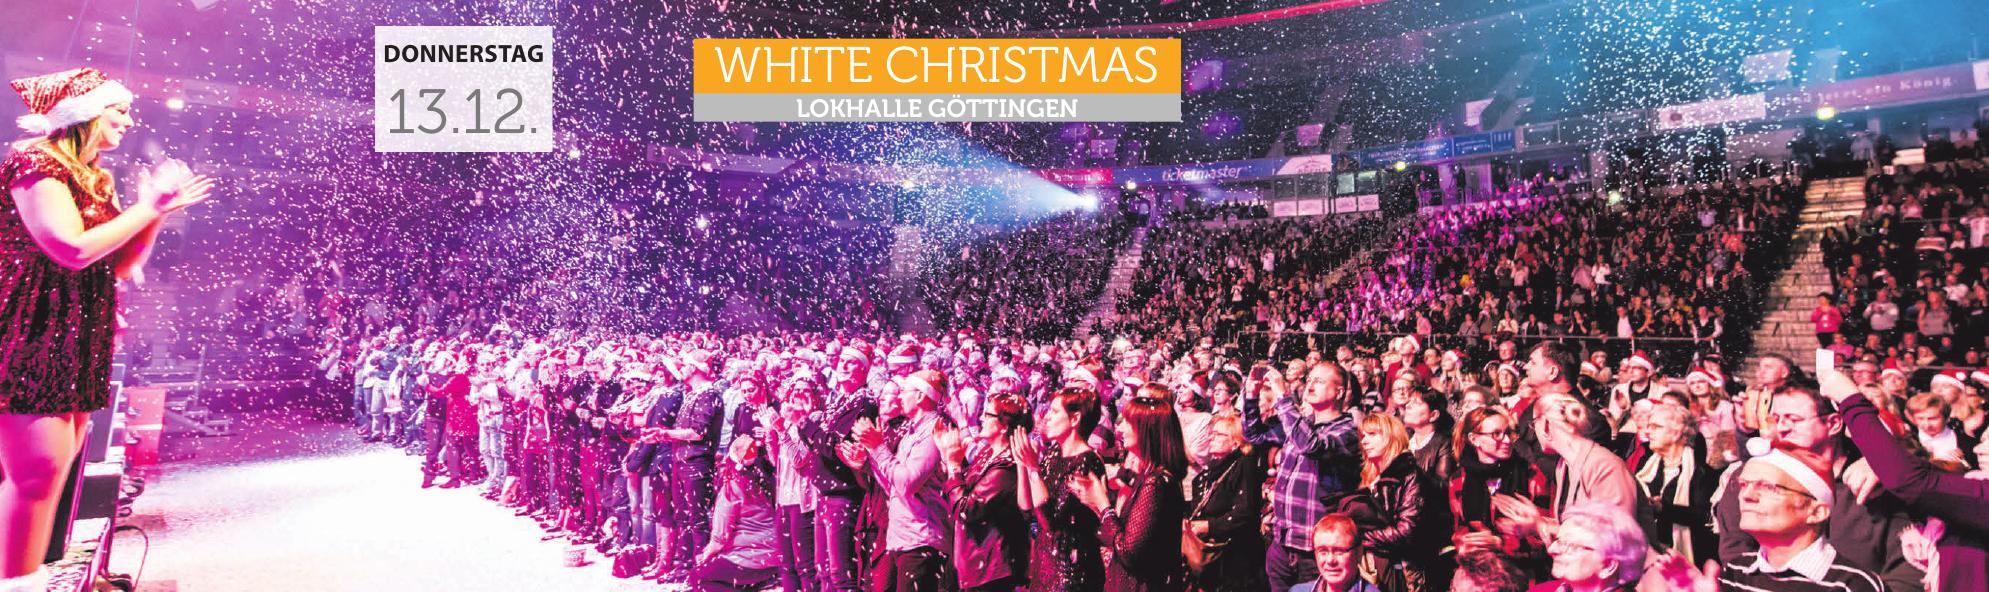 White Christmas - Lokhalle Göttingen, Donnerstag 13.12. FOTO: R